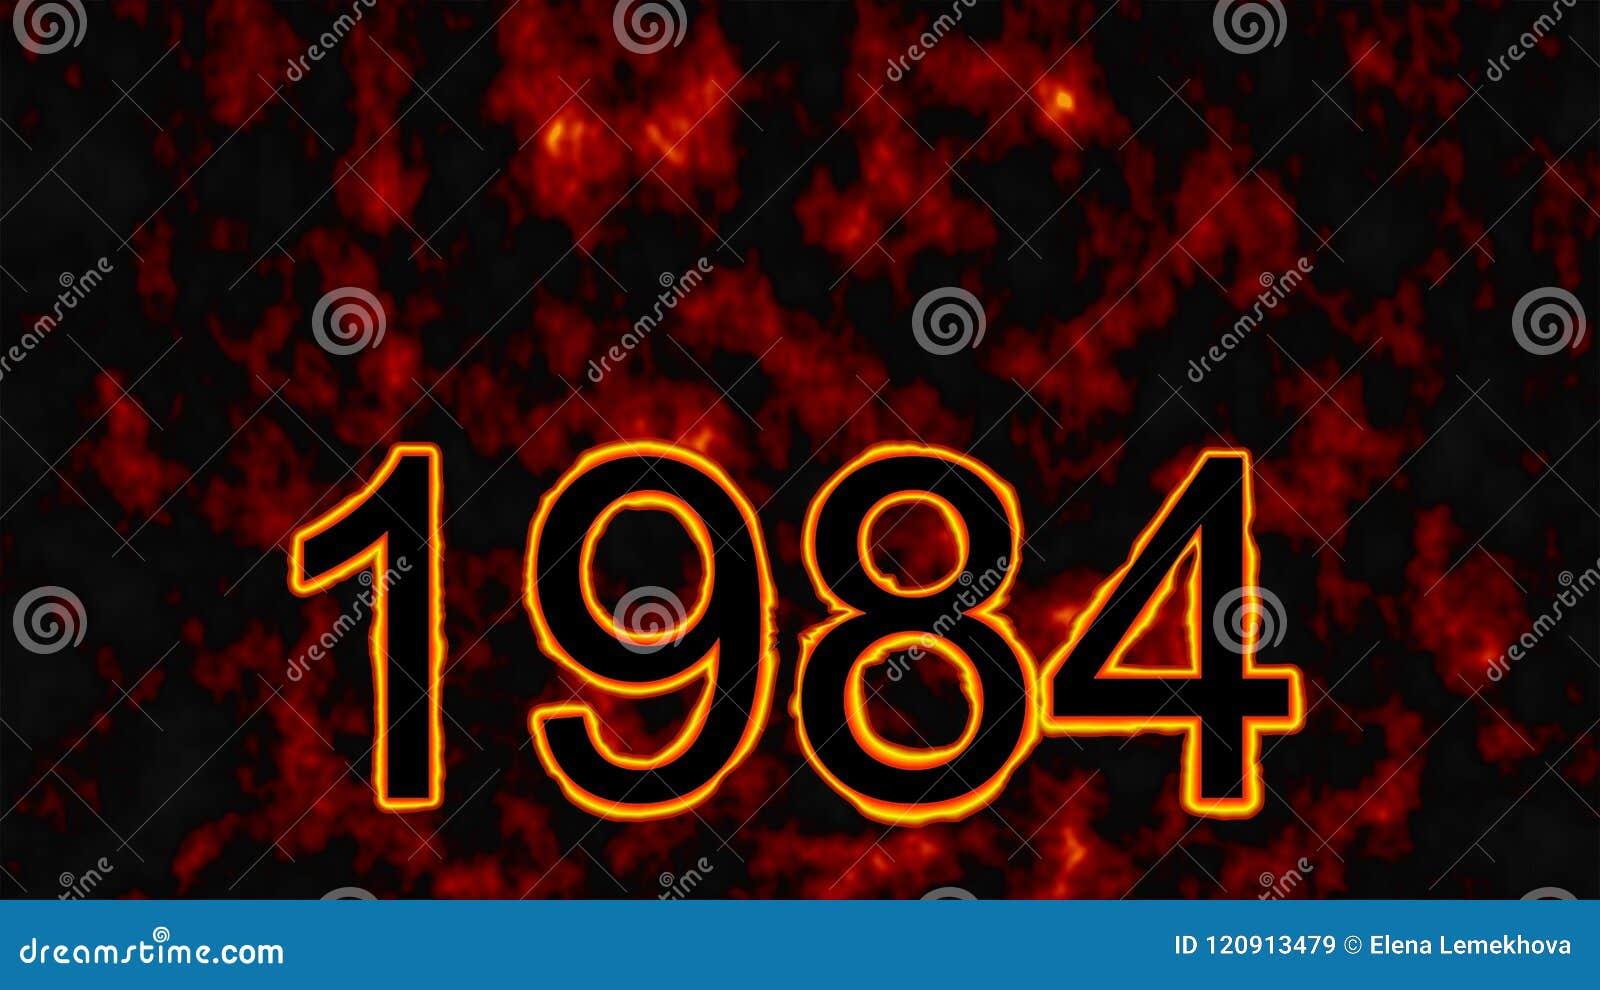 Un día trágico para todos los sikhs - 1984 en el fondo del fuego